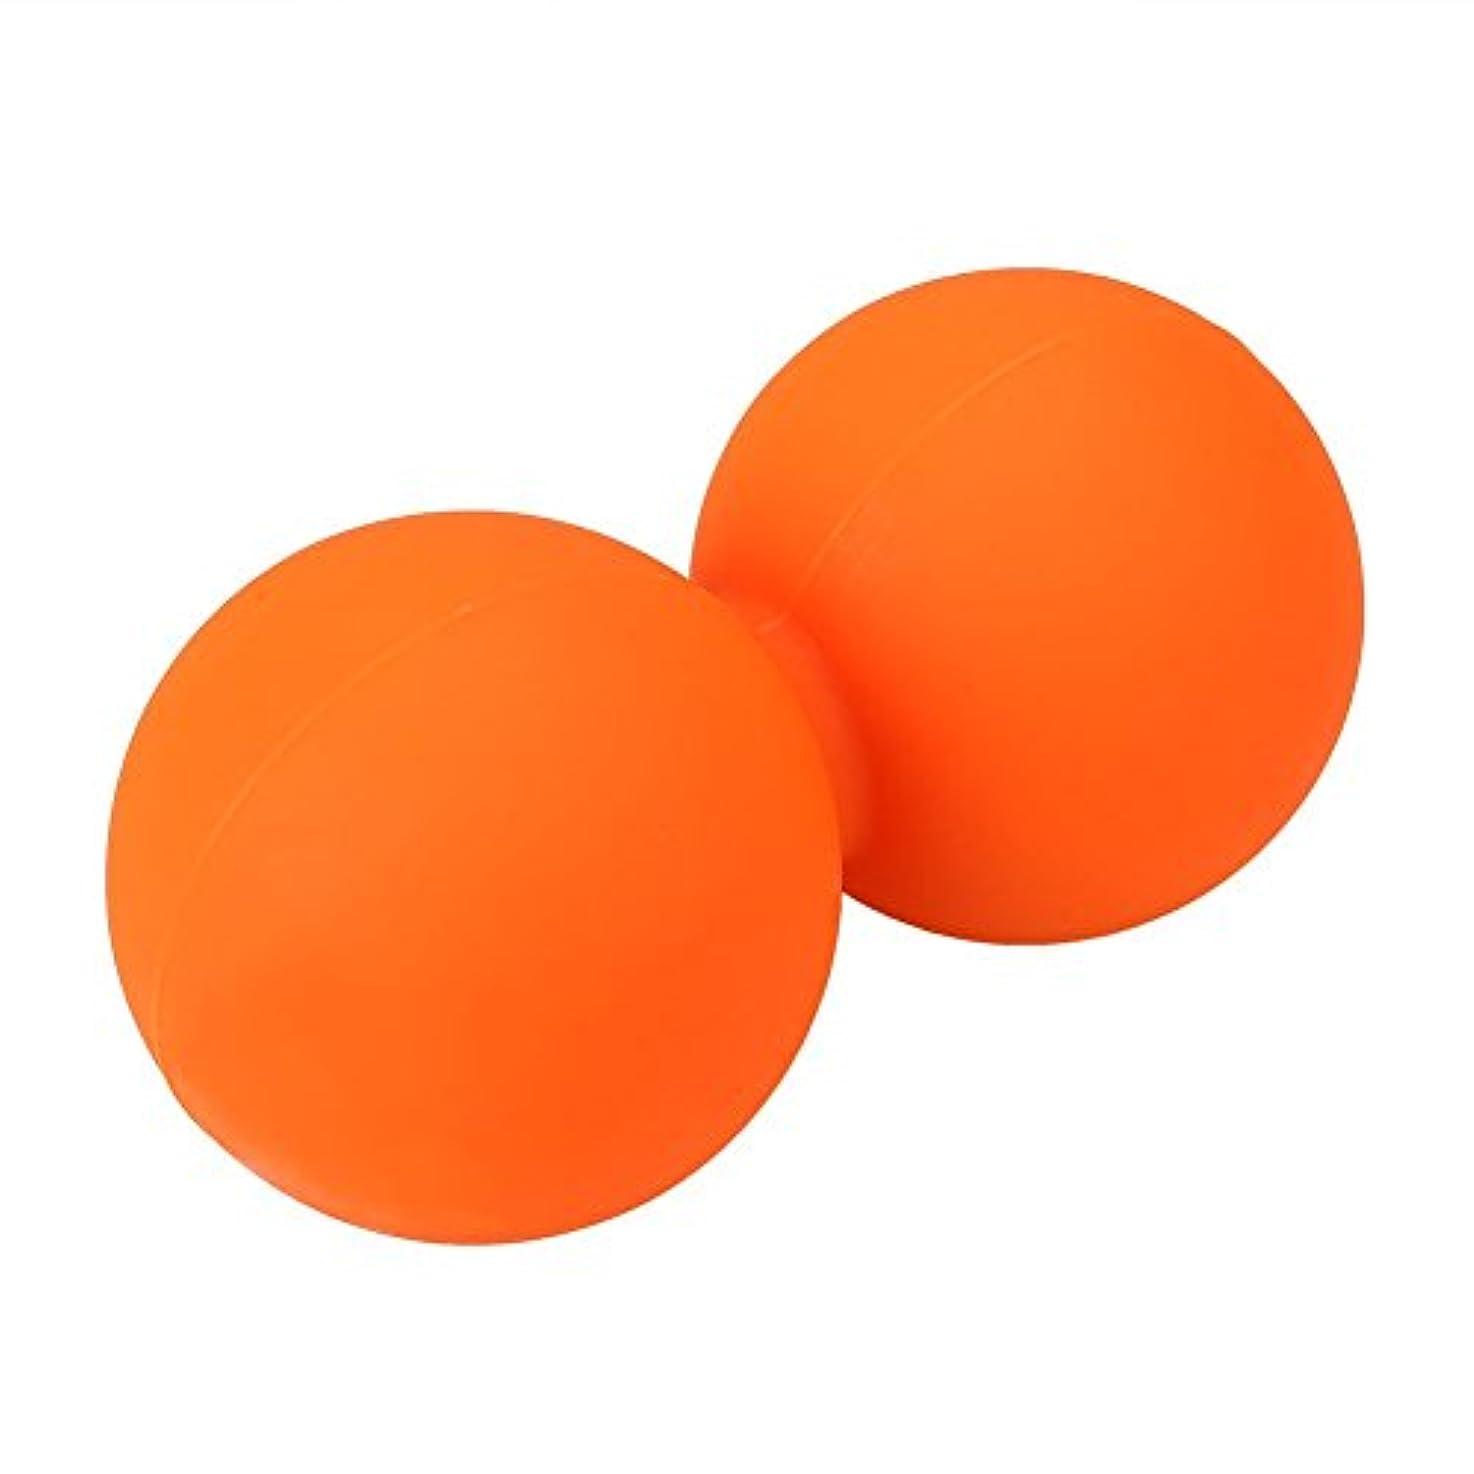 雄弁手のひらコートattachmenttou スパイクマッサージボールダブルラクロス 筋筋膜トリガーリリースピーナッツ マッサージクロスボール 運動